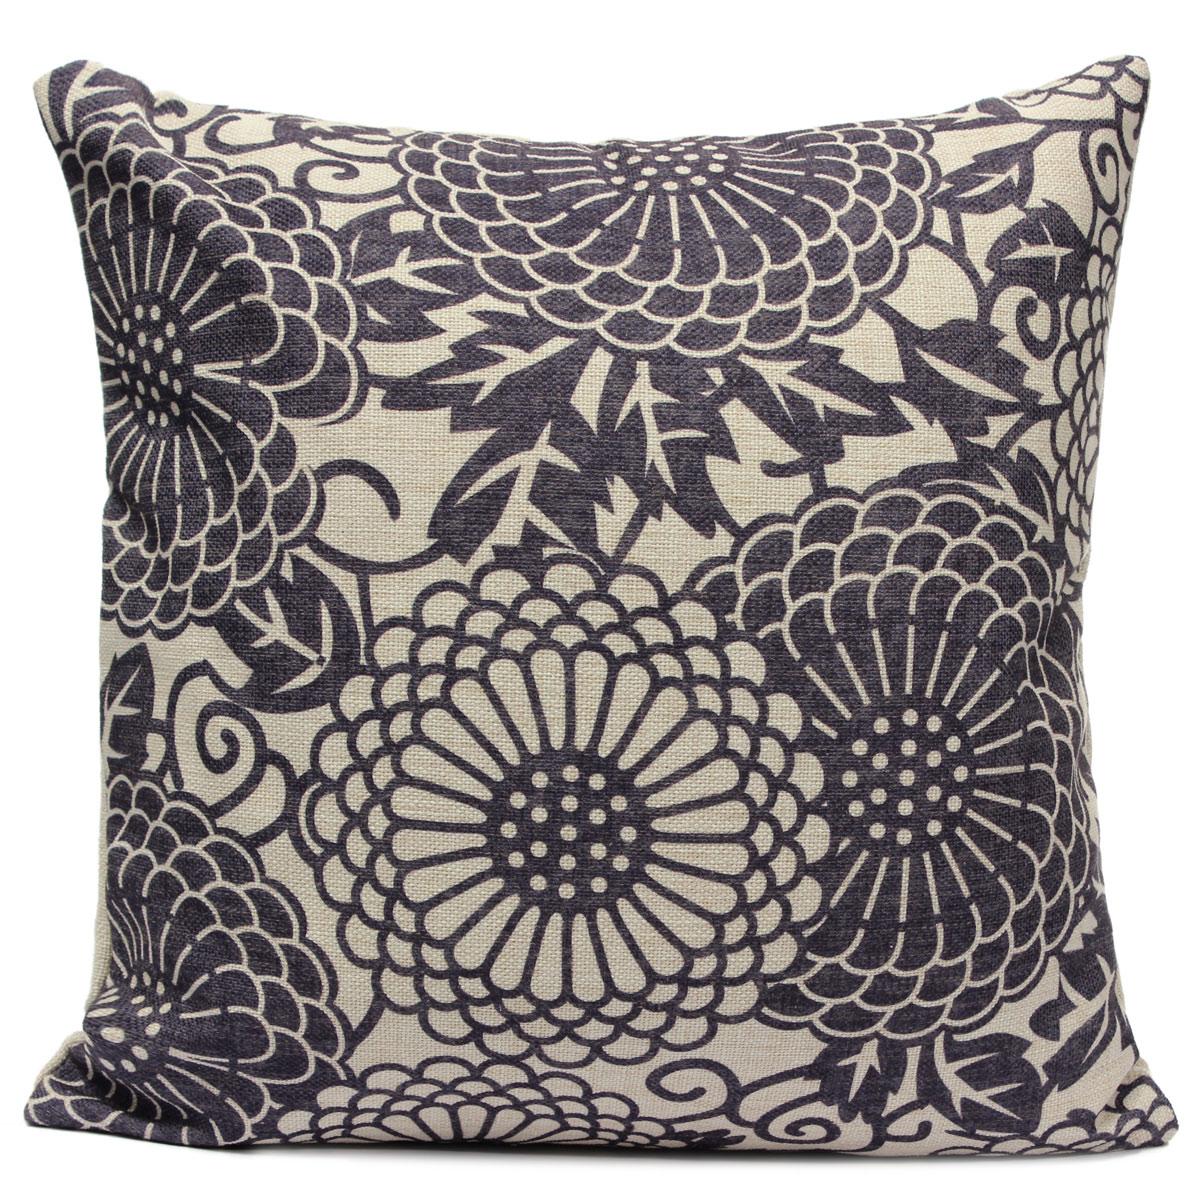 Vintage Pillows: Vintage Chinoiserie Geometric Pillow Case Throw Cushion